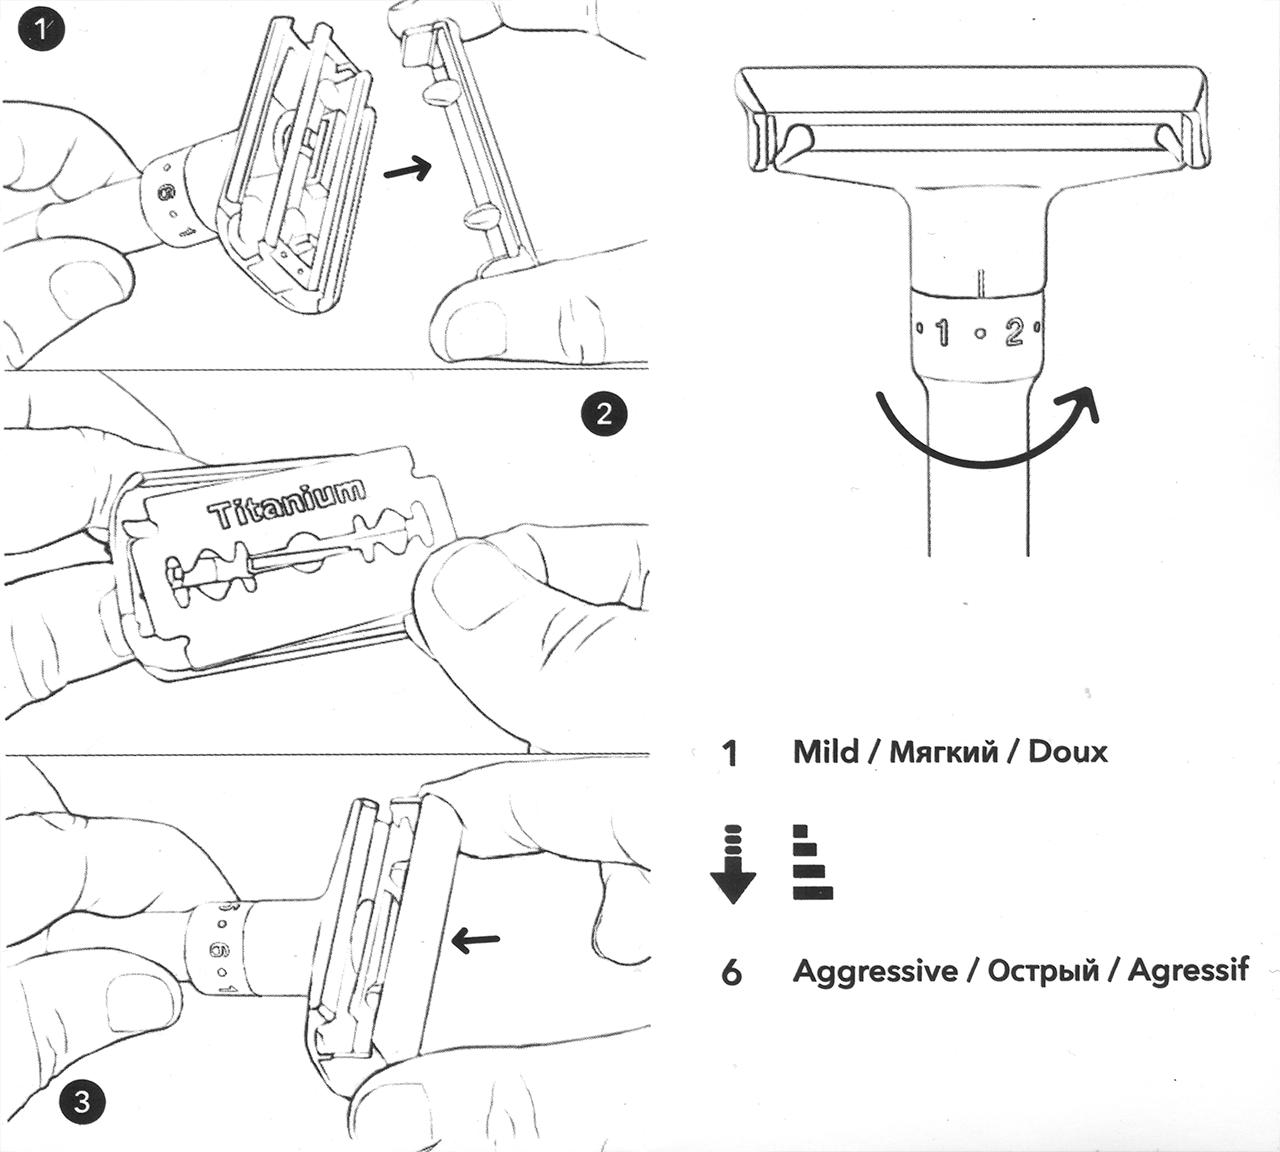 Instrukcja obsługi maszynki do golenia Qshave